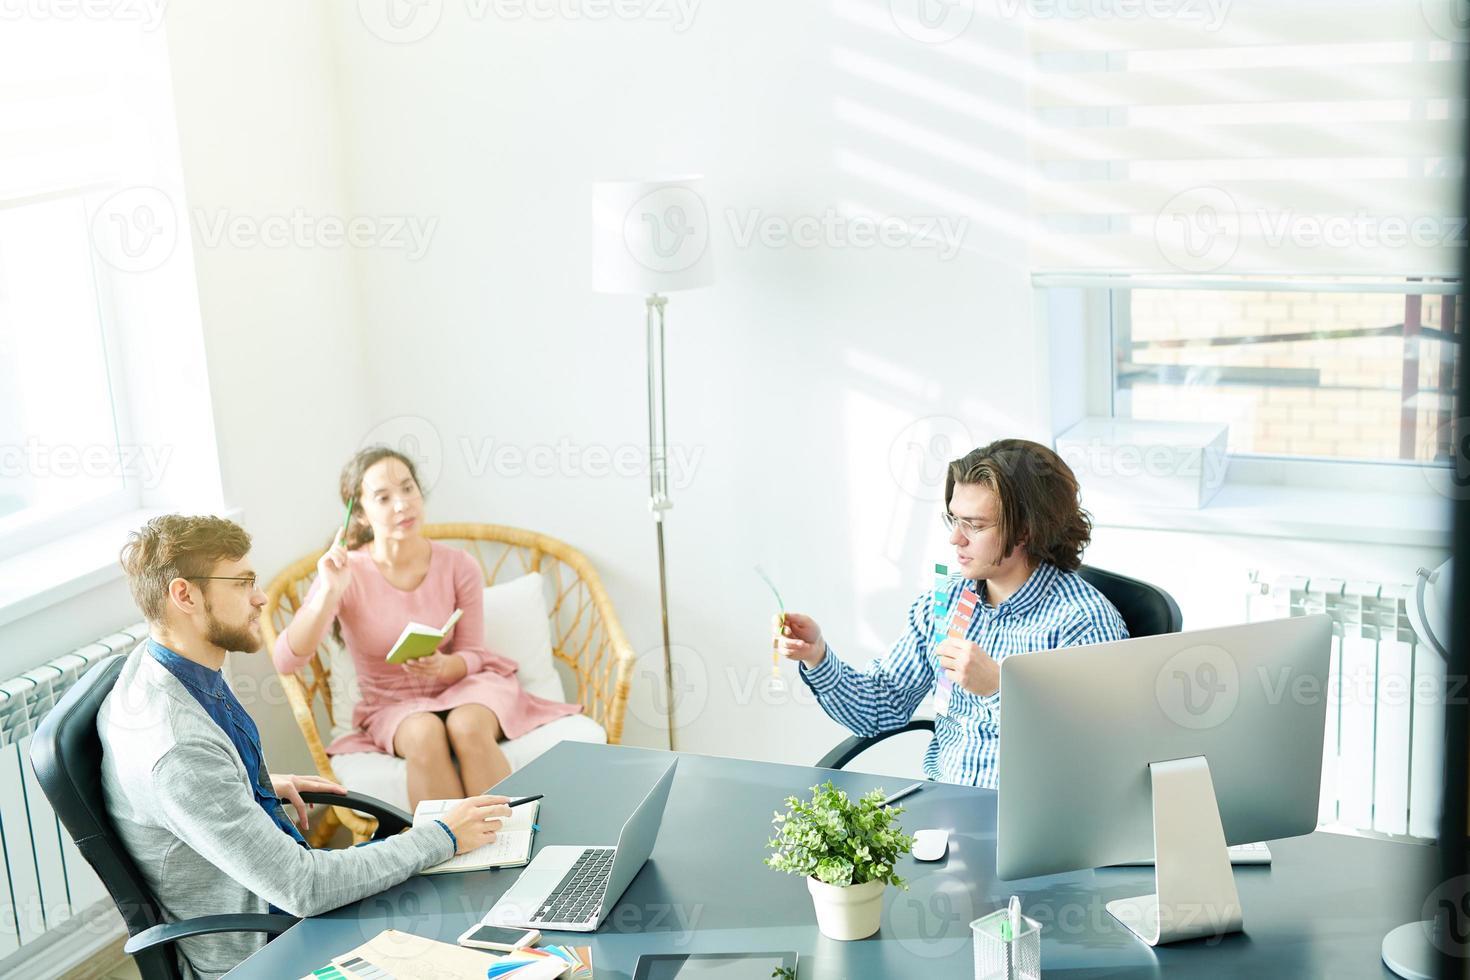 réunion productive de jeunes designers photo